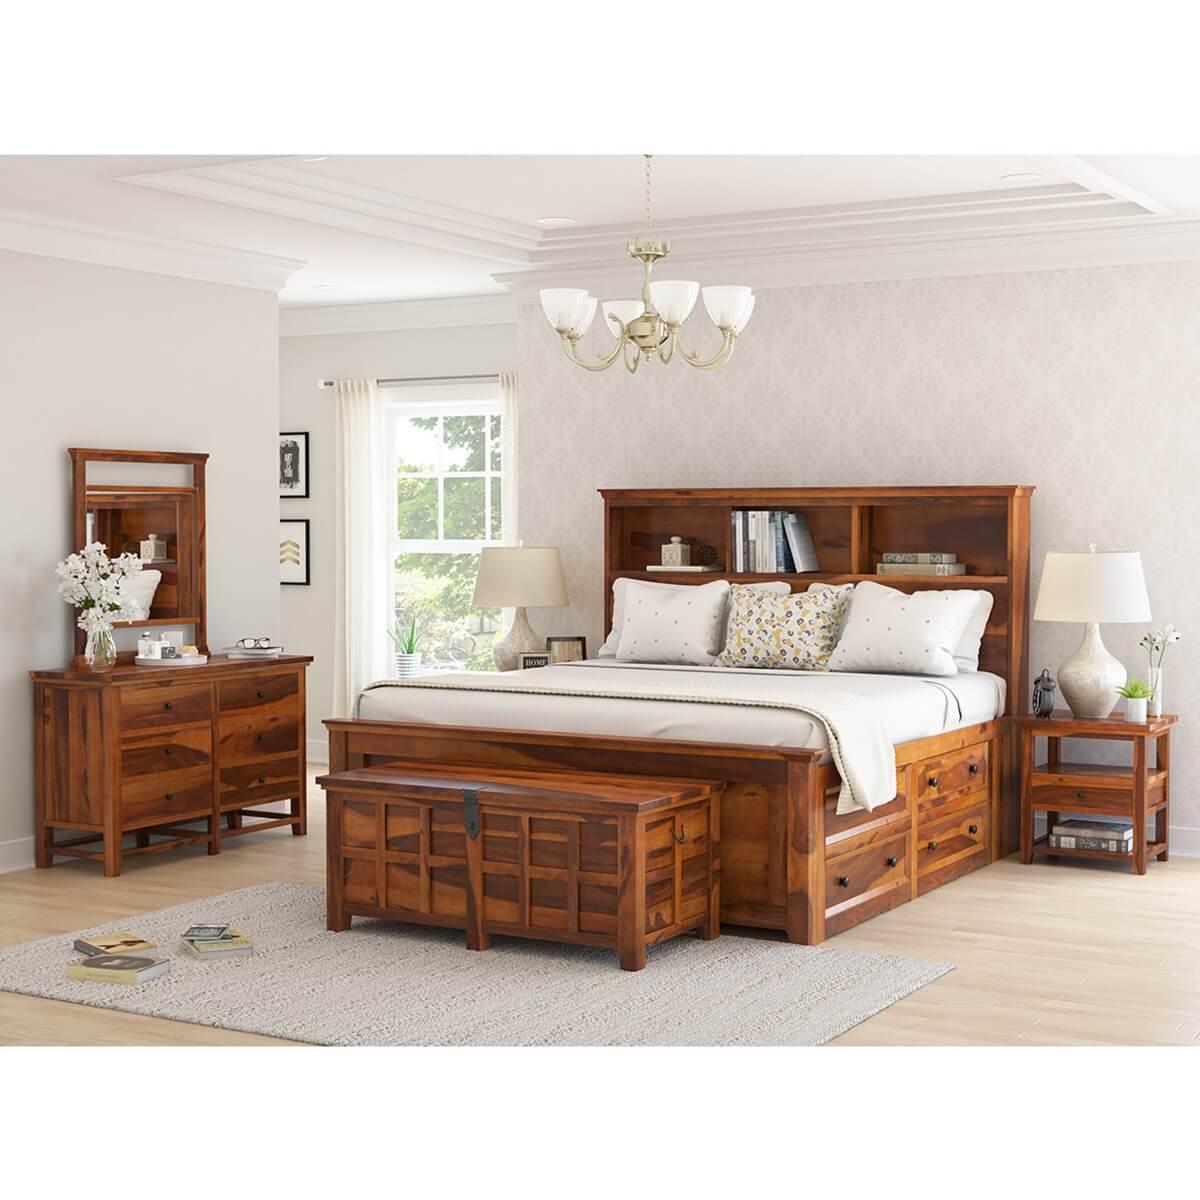 Mission Modern Solid Wood King Size Platform Bed 7pc